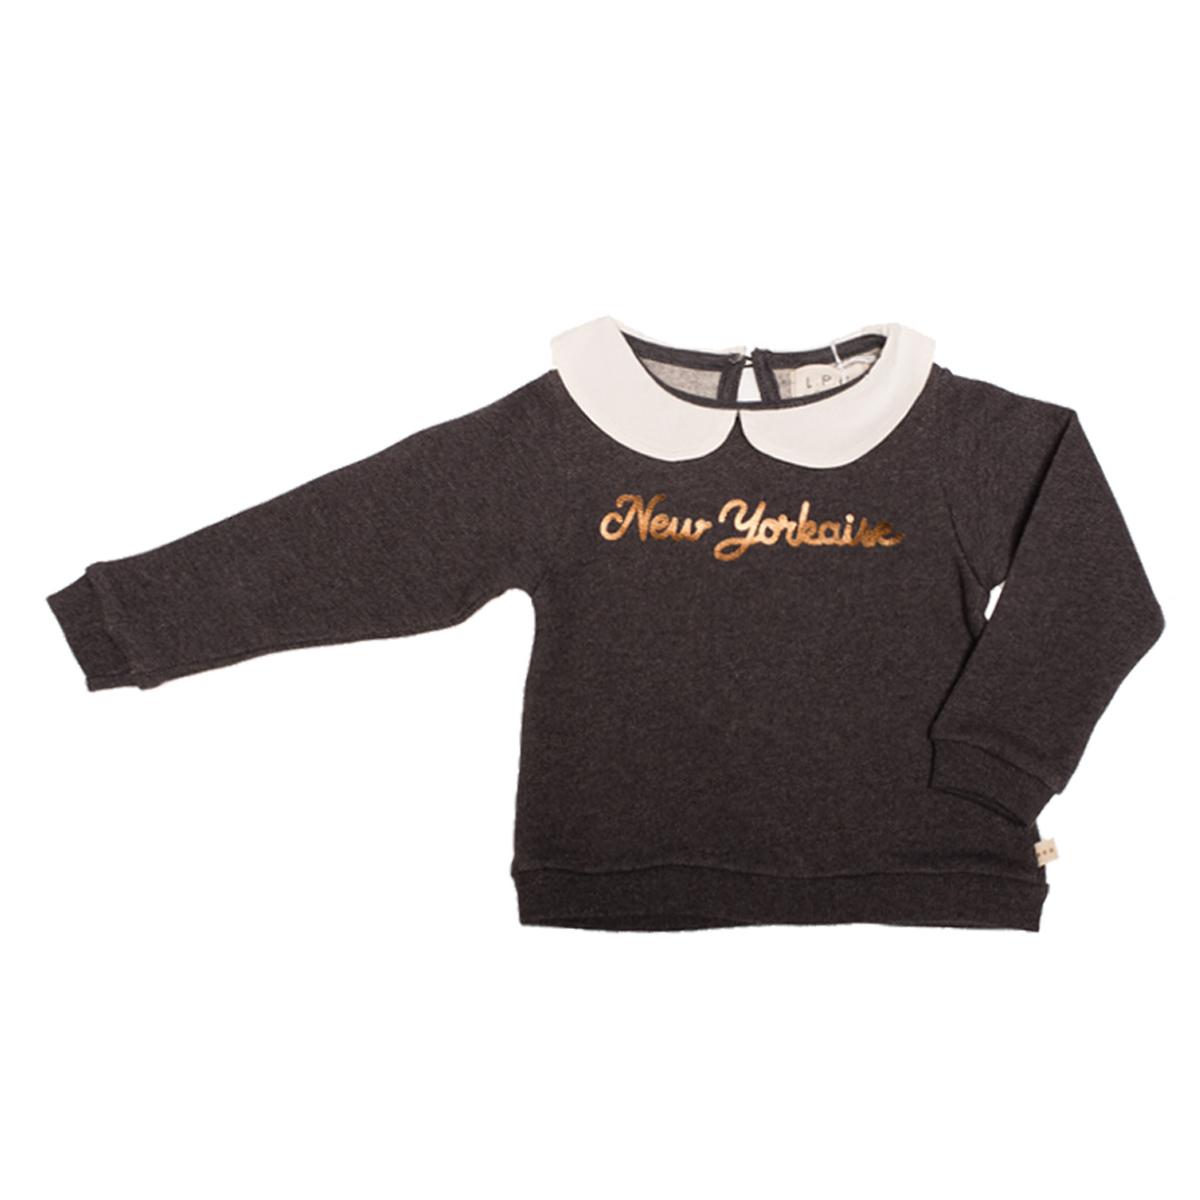 Haut bébé Sweatshirt Lorette New-York Charbon - 2/3 Ans Sweatshirt Lorette New-York Charbon - 2/3 Ans